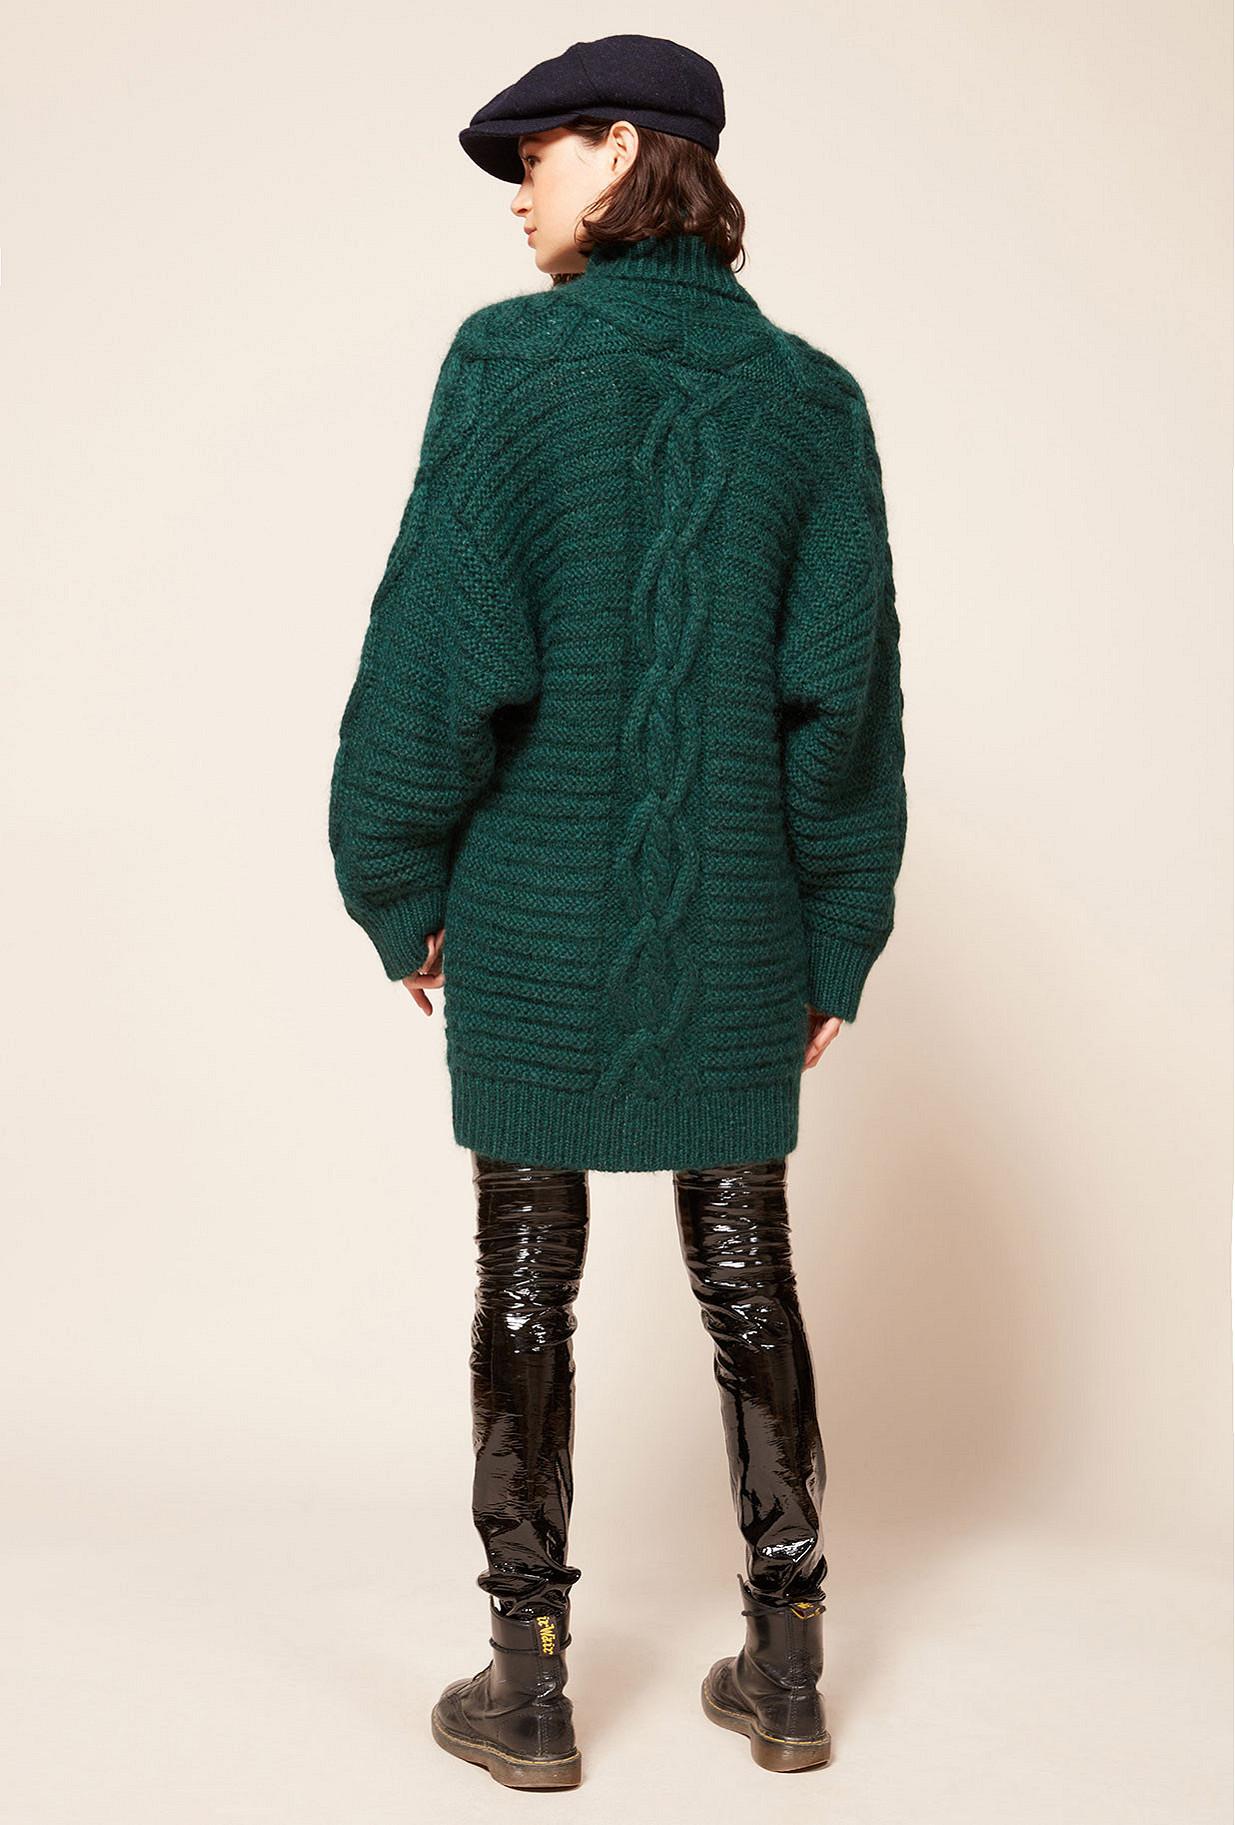 Paris boutique de mode vêtement Cardigan créateur bohème  Coaz